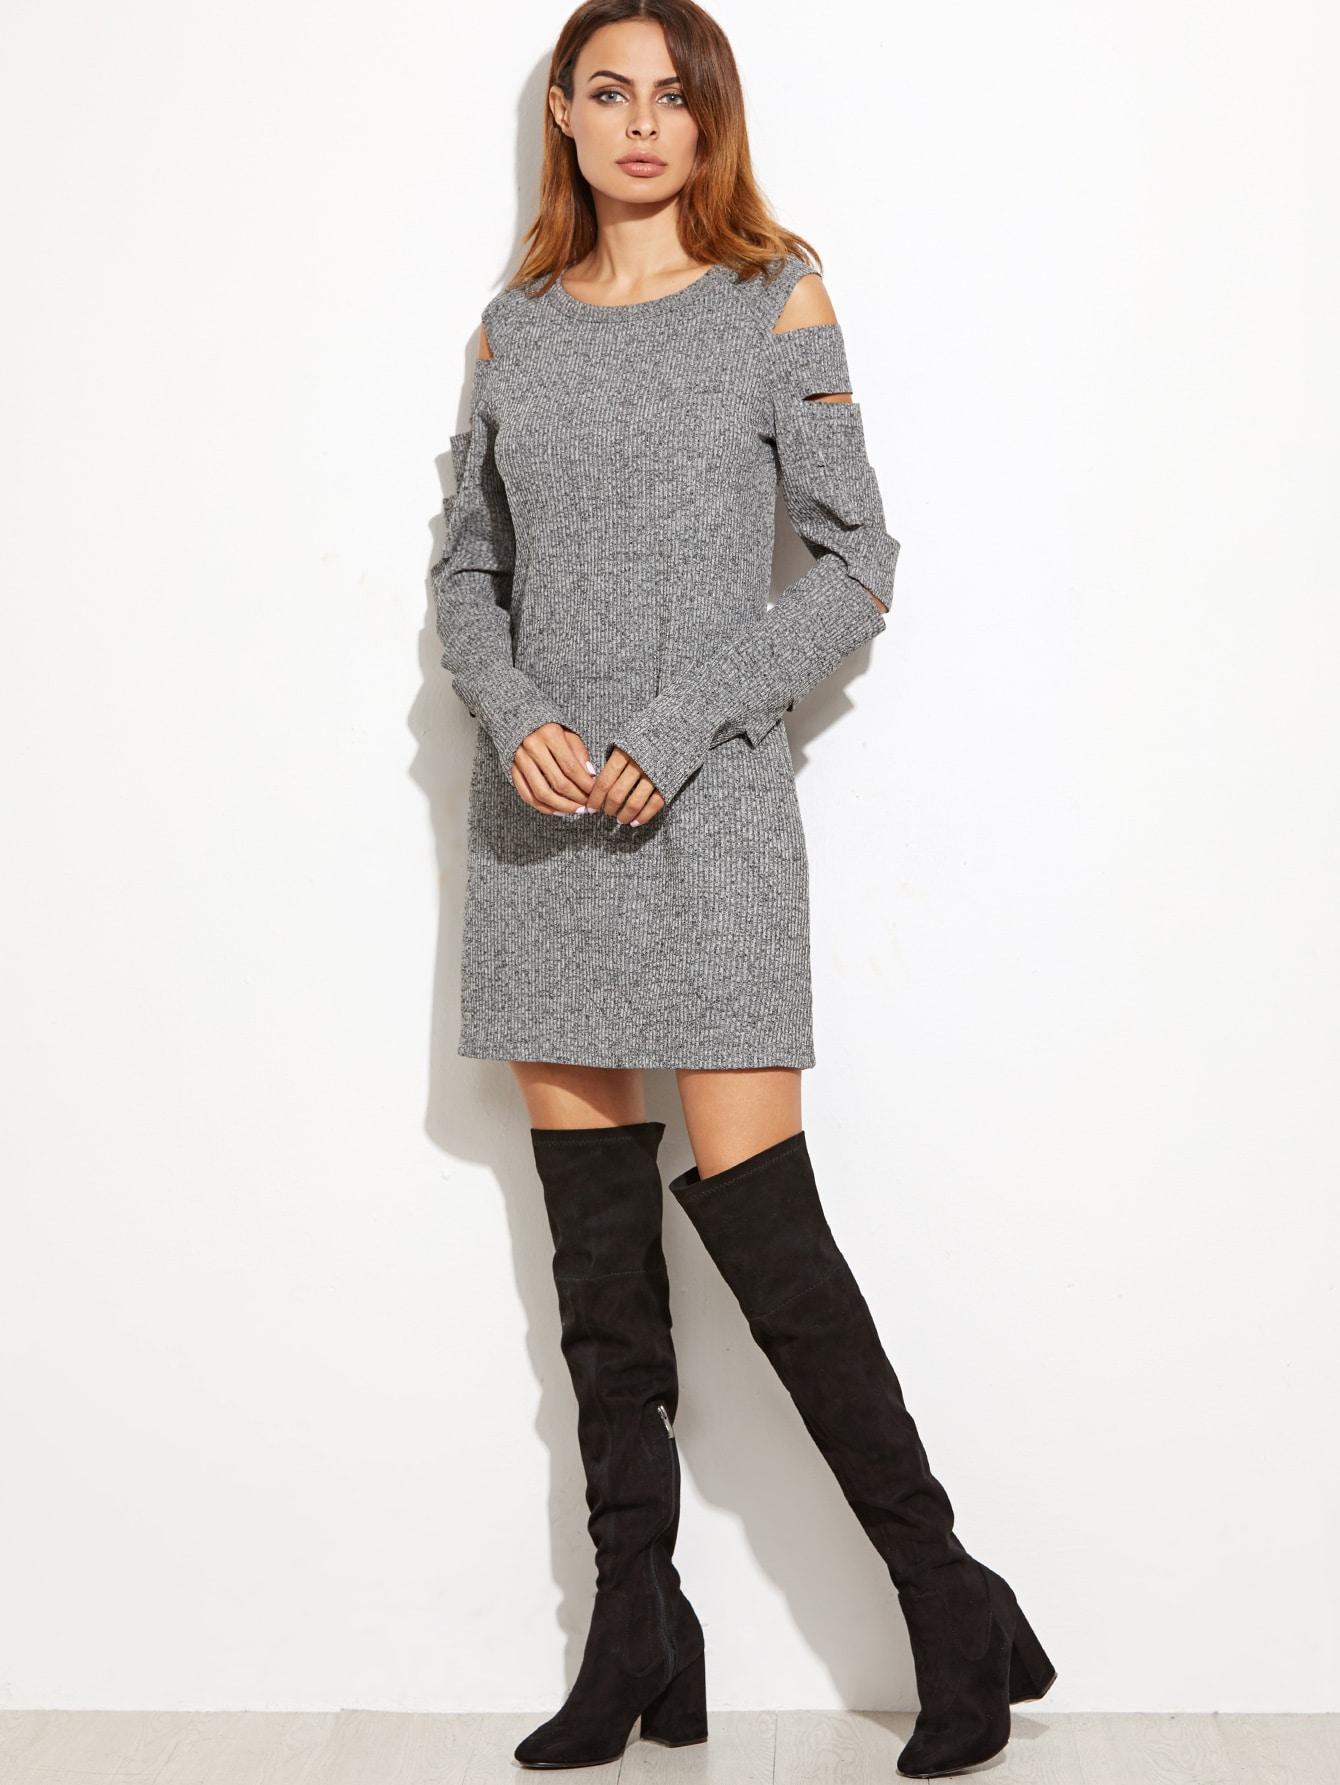 dress161110707_2